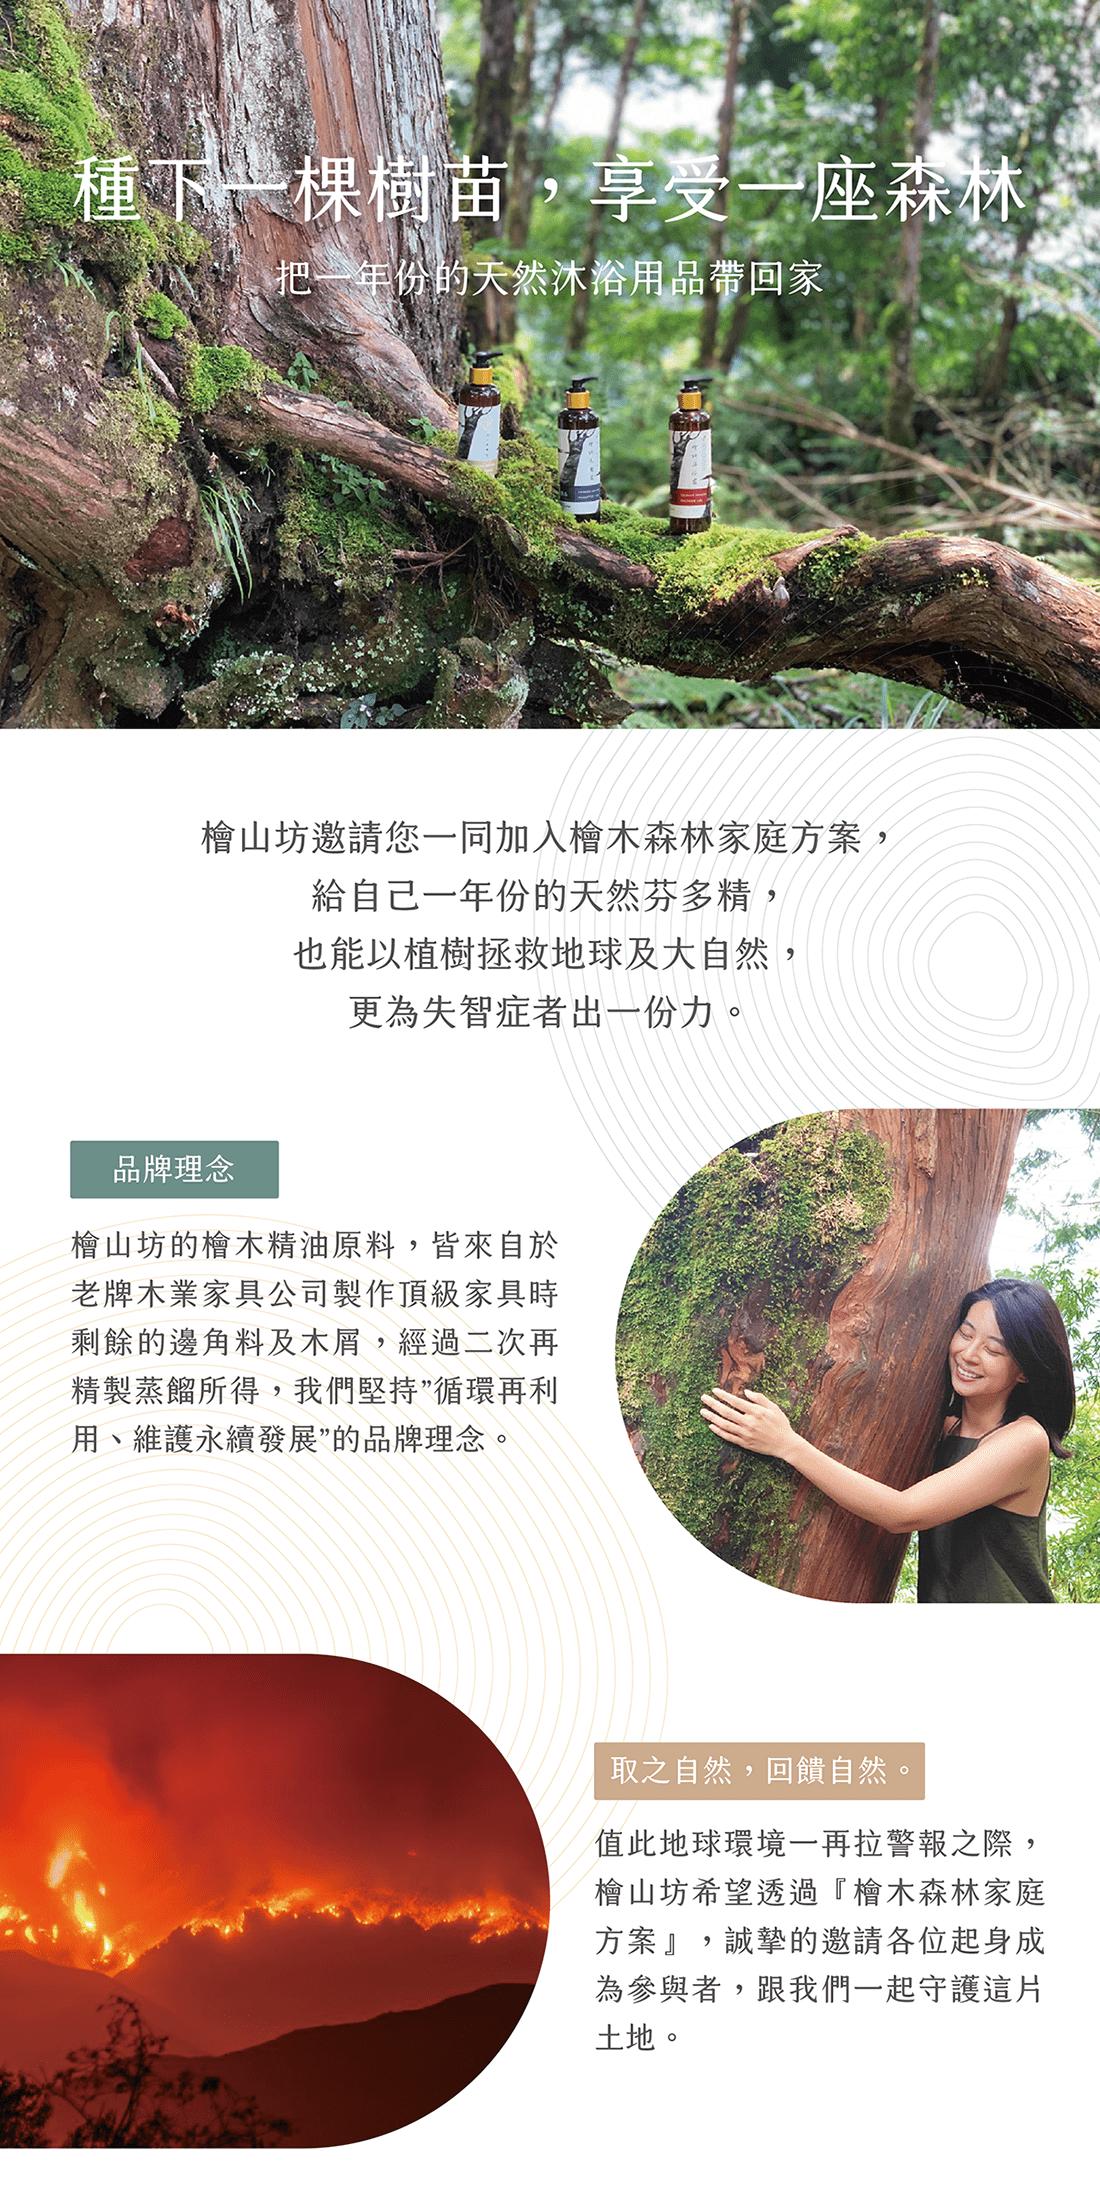 檜山坊 檜木家庭森林方案